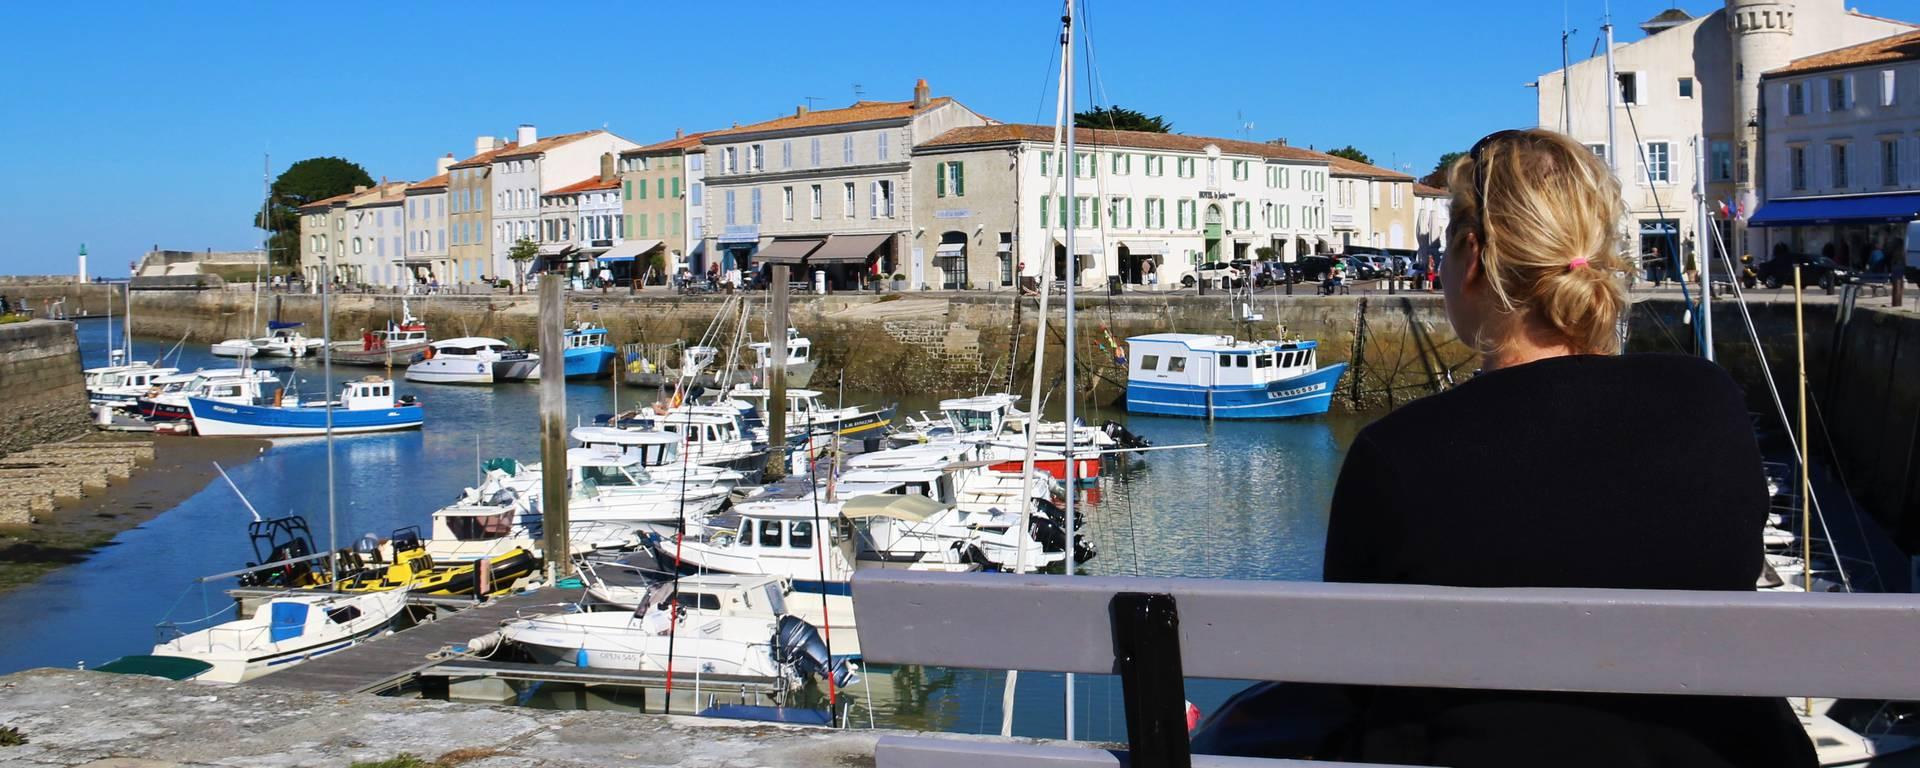 Harbor of Saint-Martin-de-Ré